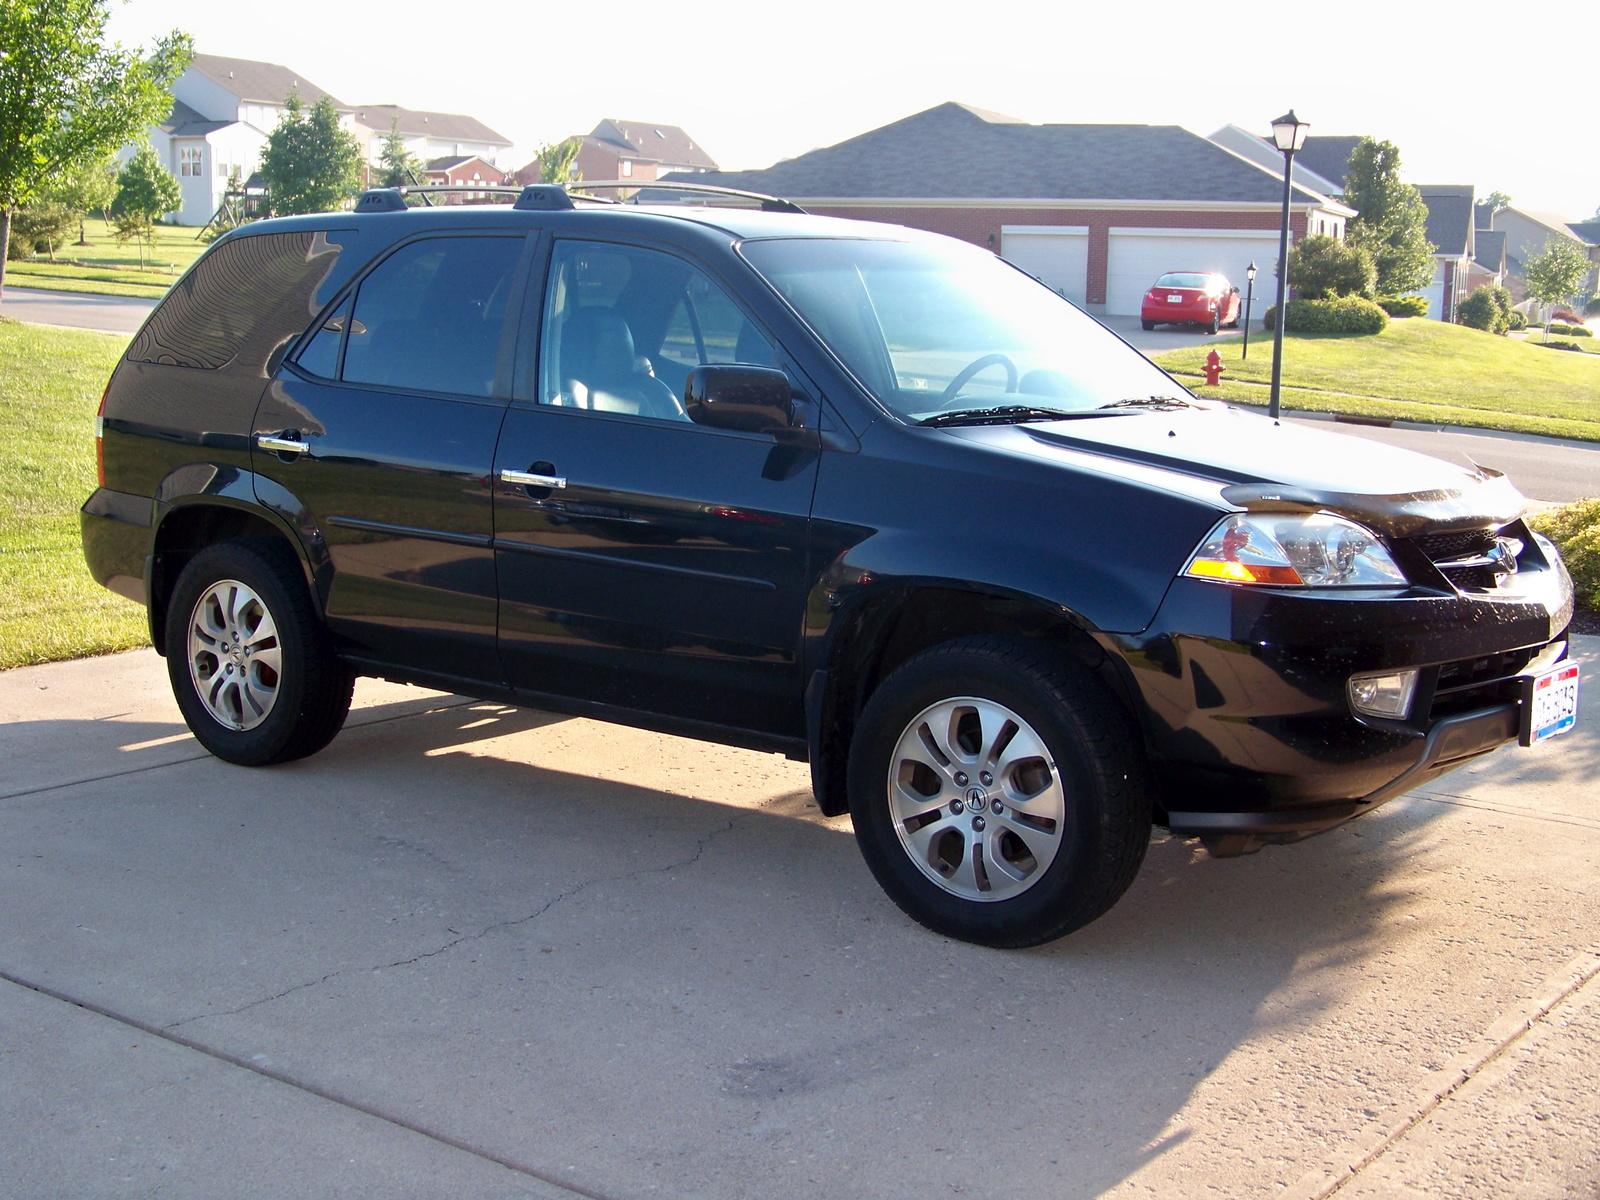 2001 Acura Mdx Interior >> 2003 Acura MDX - Pictures - CarGurus